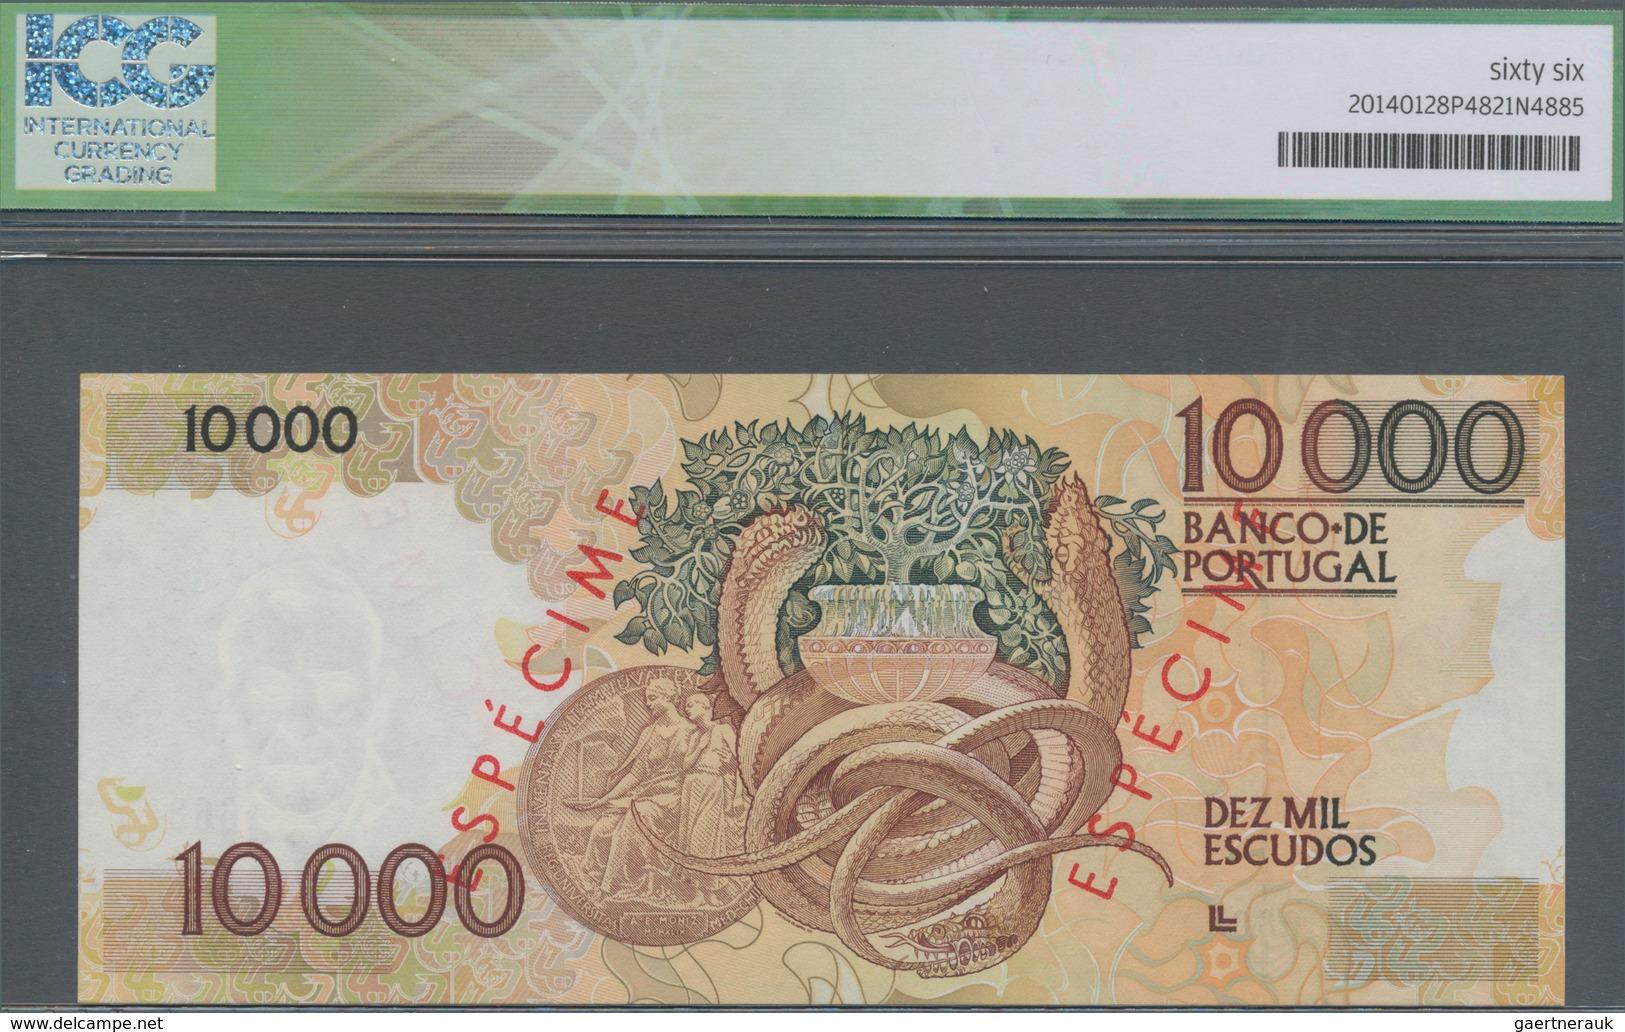 Portugal: 10.000 Escudos 1989 SPECIMEN, P.185s In UNC, ICG Graded 66 CHOICE UNC - Portugal